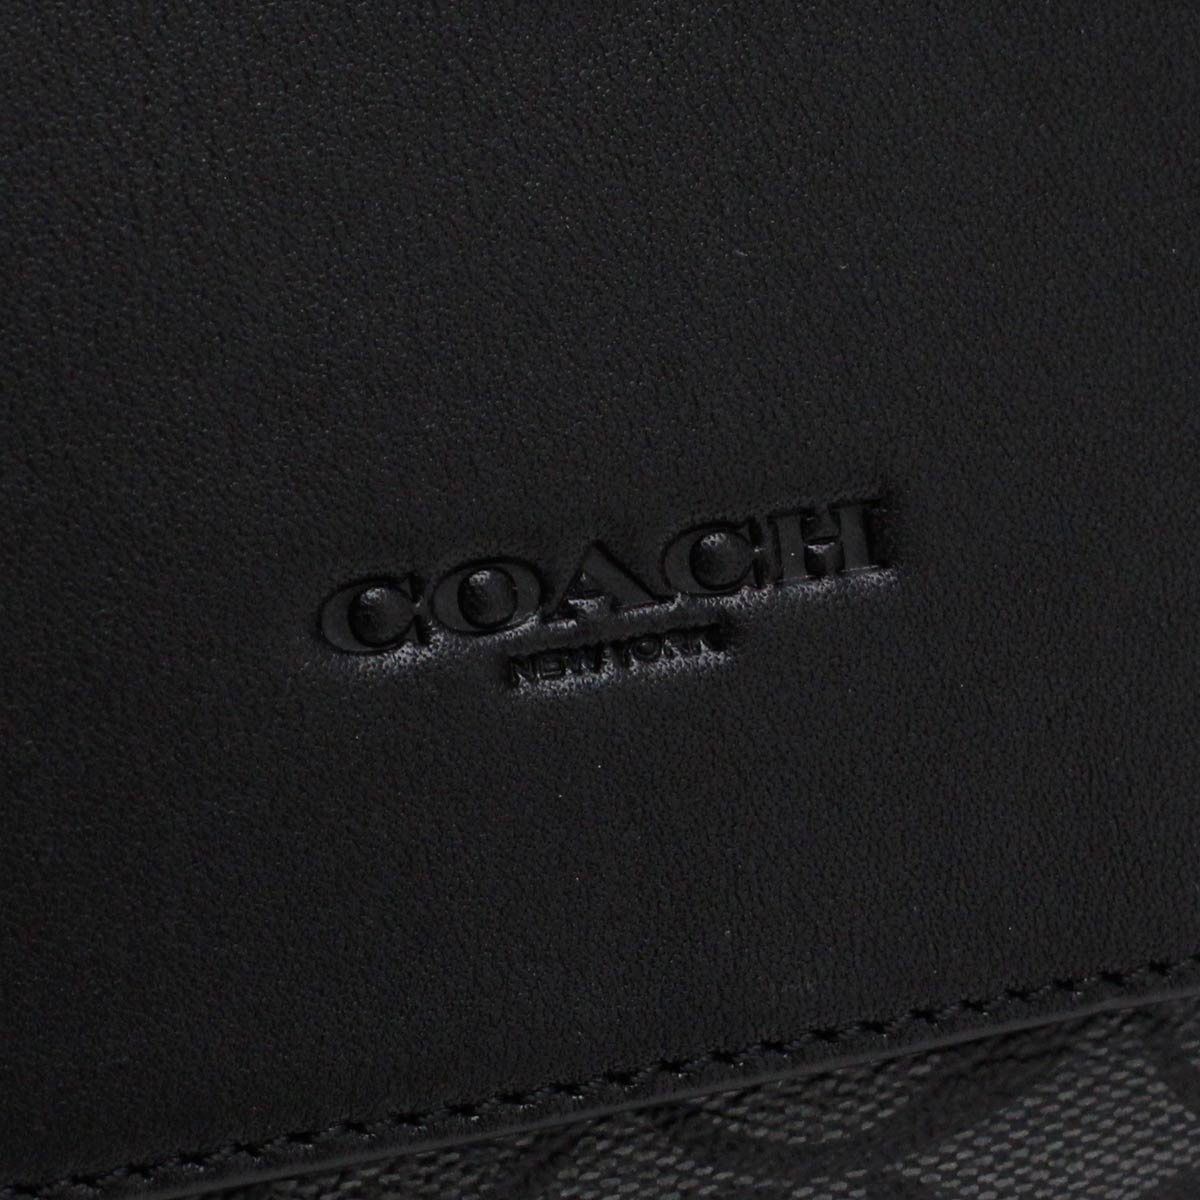 F28575 NIMI5 メッセンジャーバッグ グレー系 斜め掛け シグネチャー コーチ メンズ ブラック ショルダーバッグ COACH